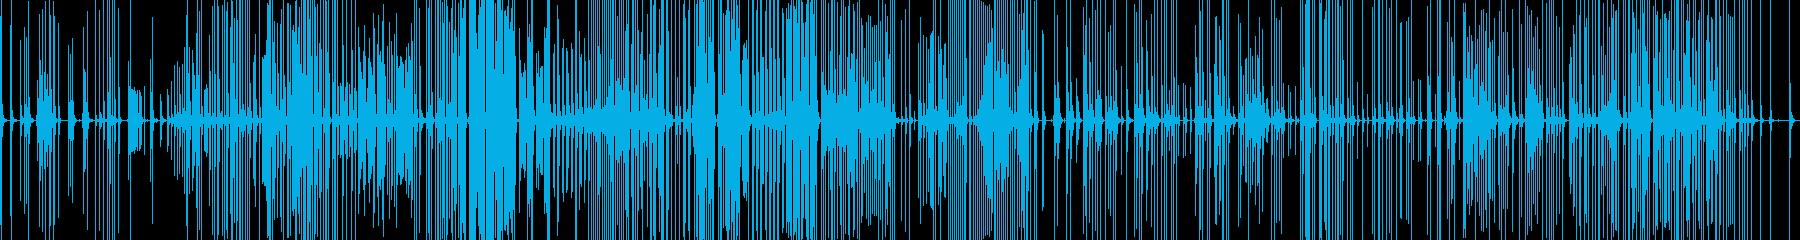 三味線184秋の色種5箏曲乱れみだれ琴萩の再生済みの波形